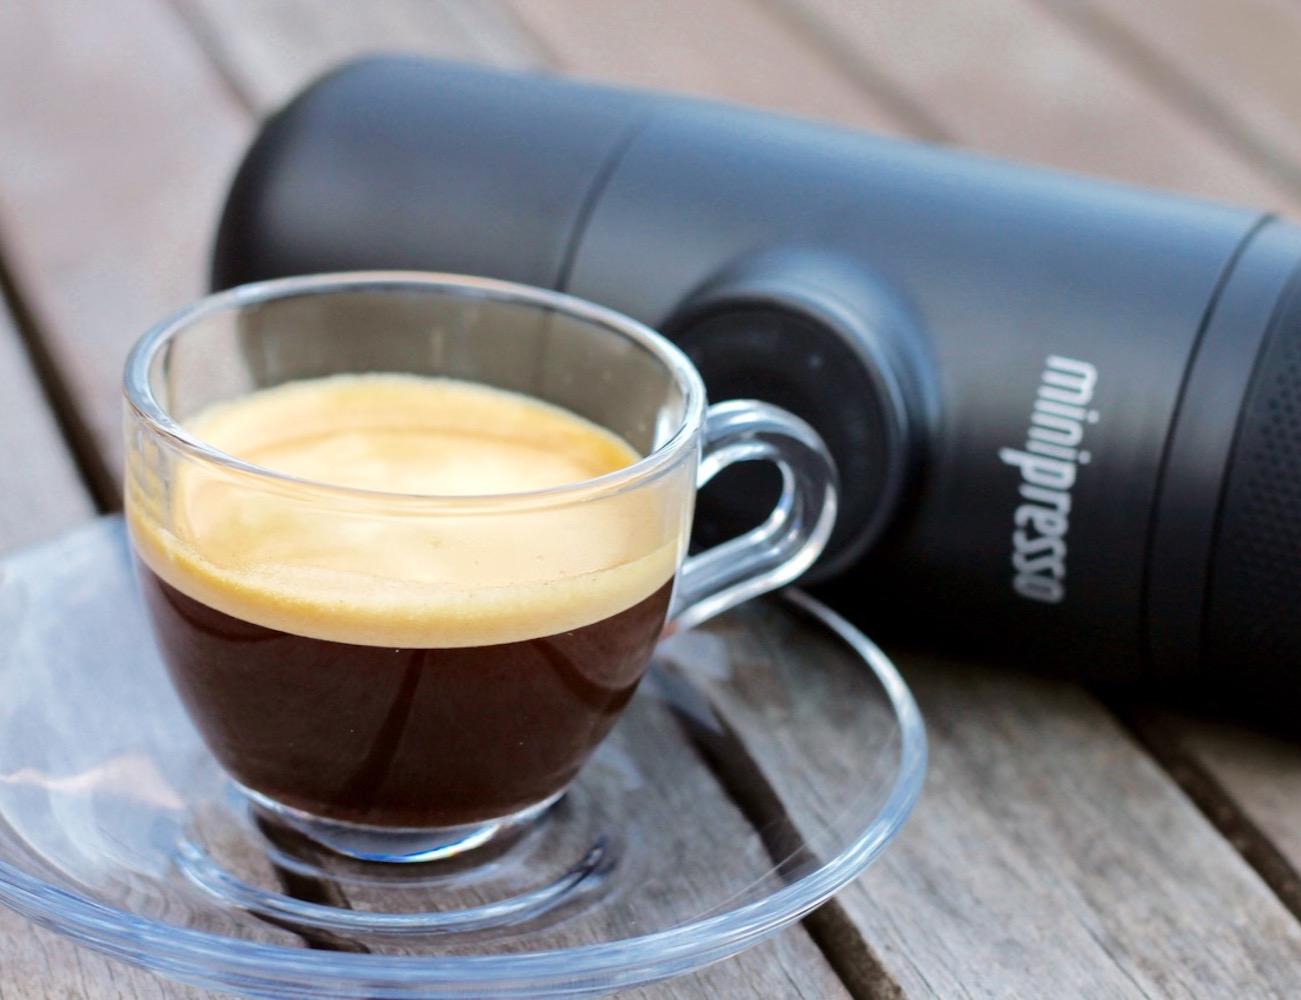 minipresso-handheld-espresso-maker-by-wacaco-company-new-02